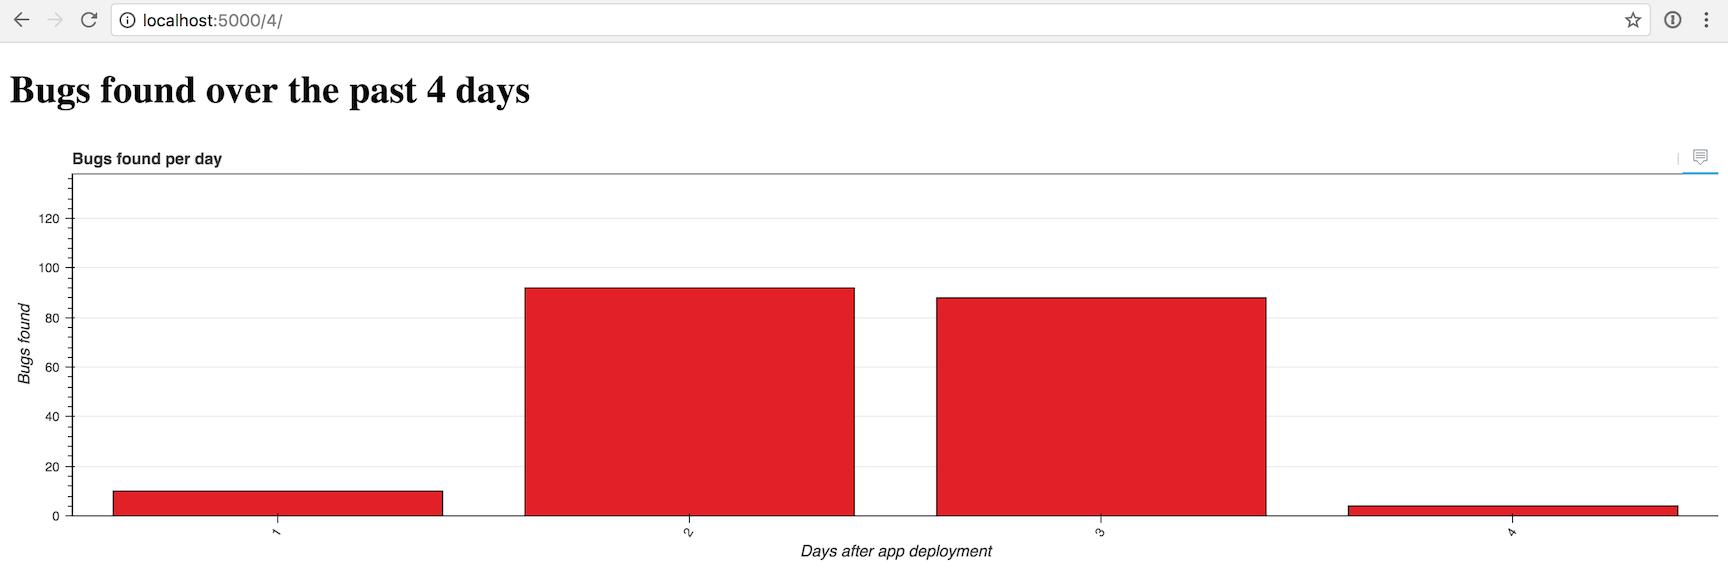 Отзывчивые столбчатые диаграммы с Bokeh, Flask и Python 3 - 4